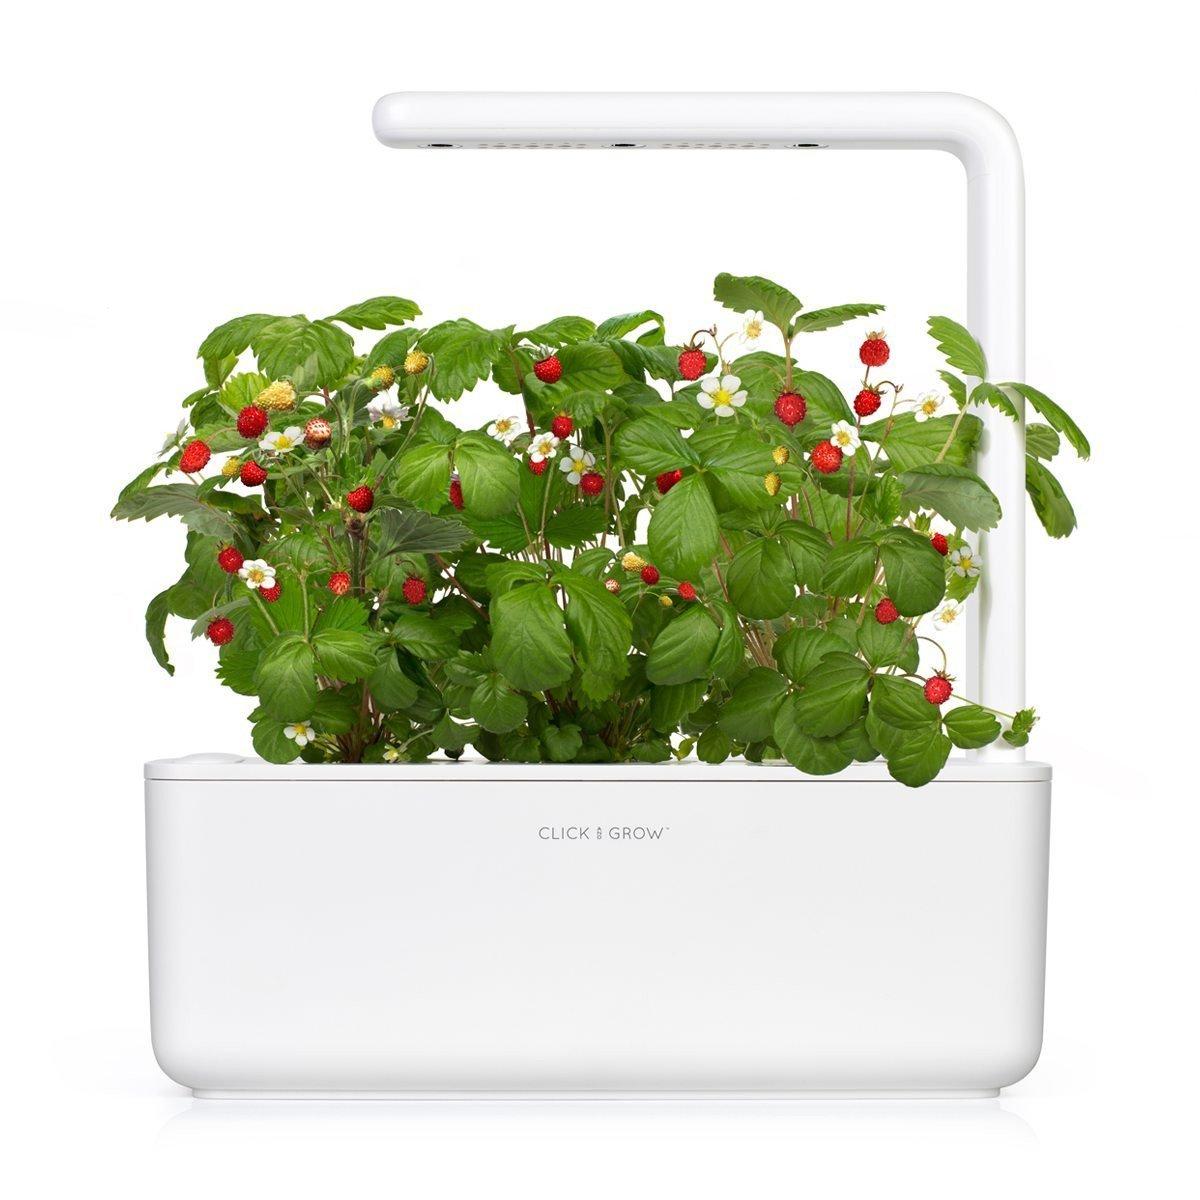 Smart Garden 3 Self Watering Indoor Garden